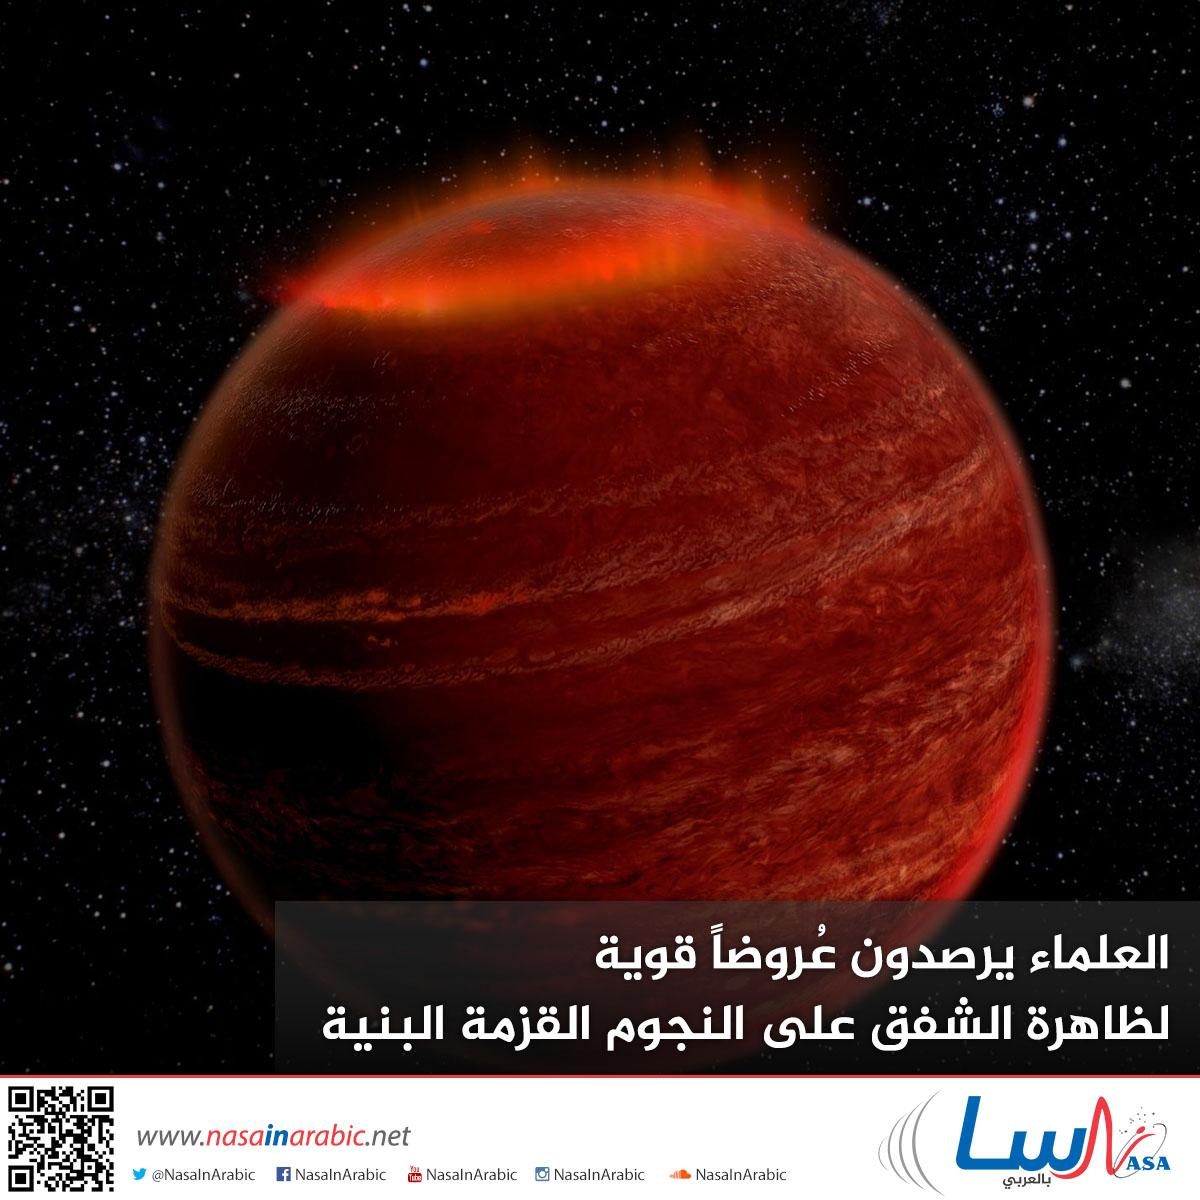 العلماء يرصدون عُروضاً قوية لظاهرة الشفق على النجوم القزمة البنية